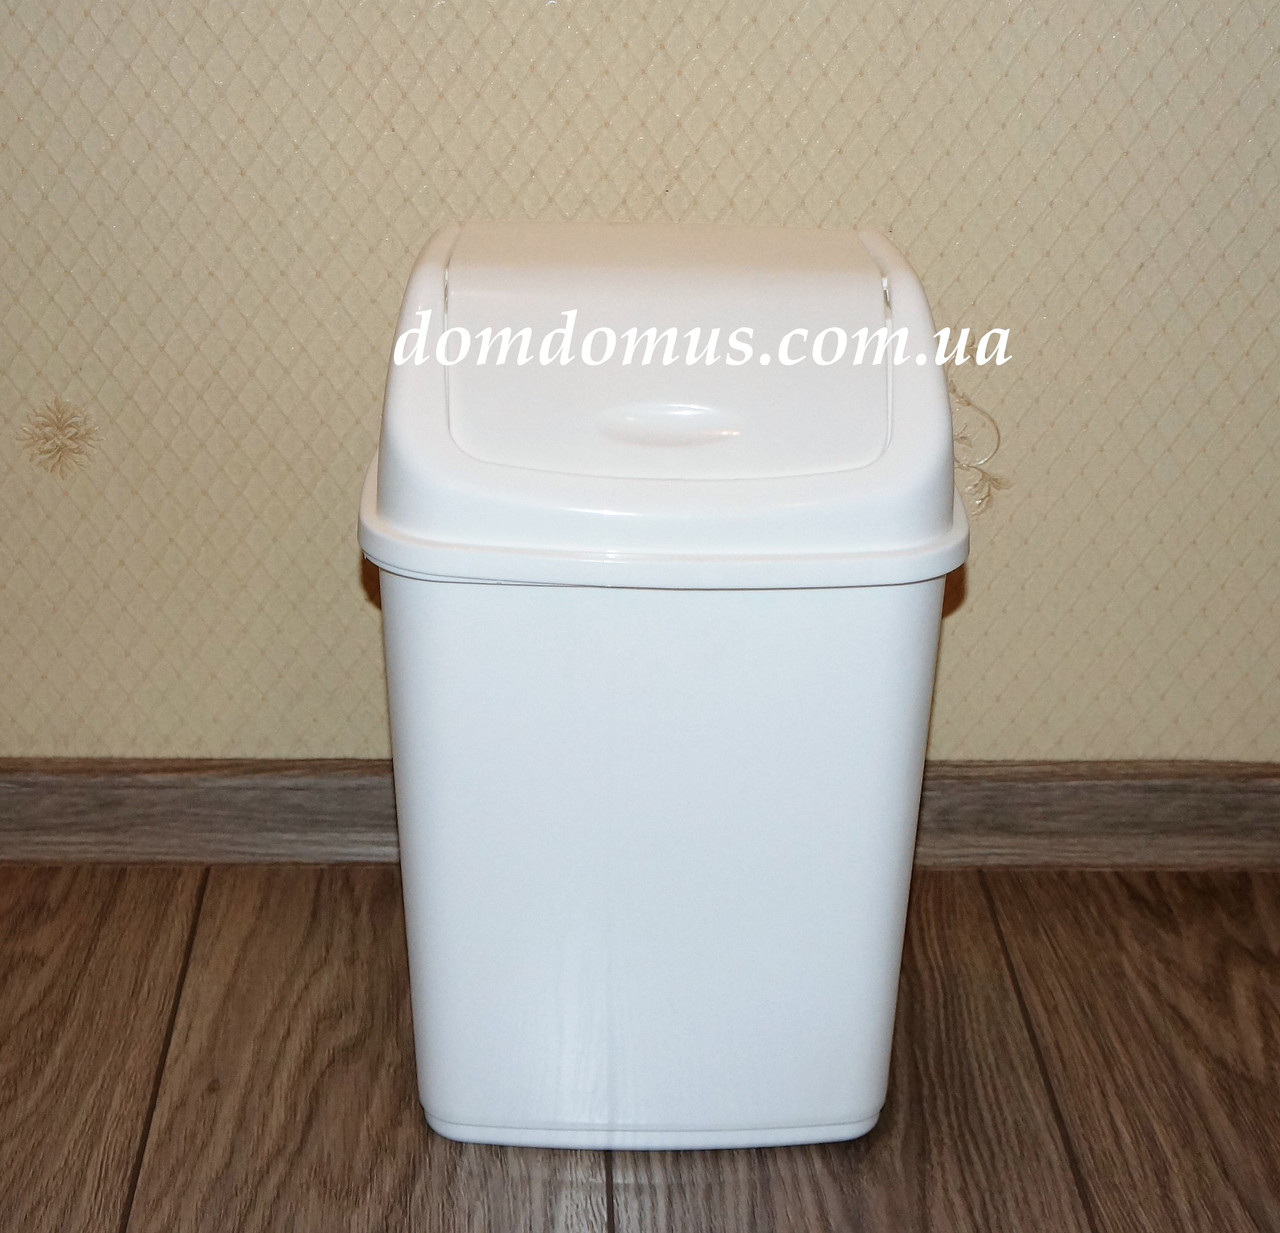 Ведро для мусора с поворотной крышкой 5 л  Алеана